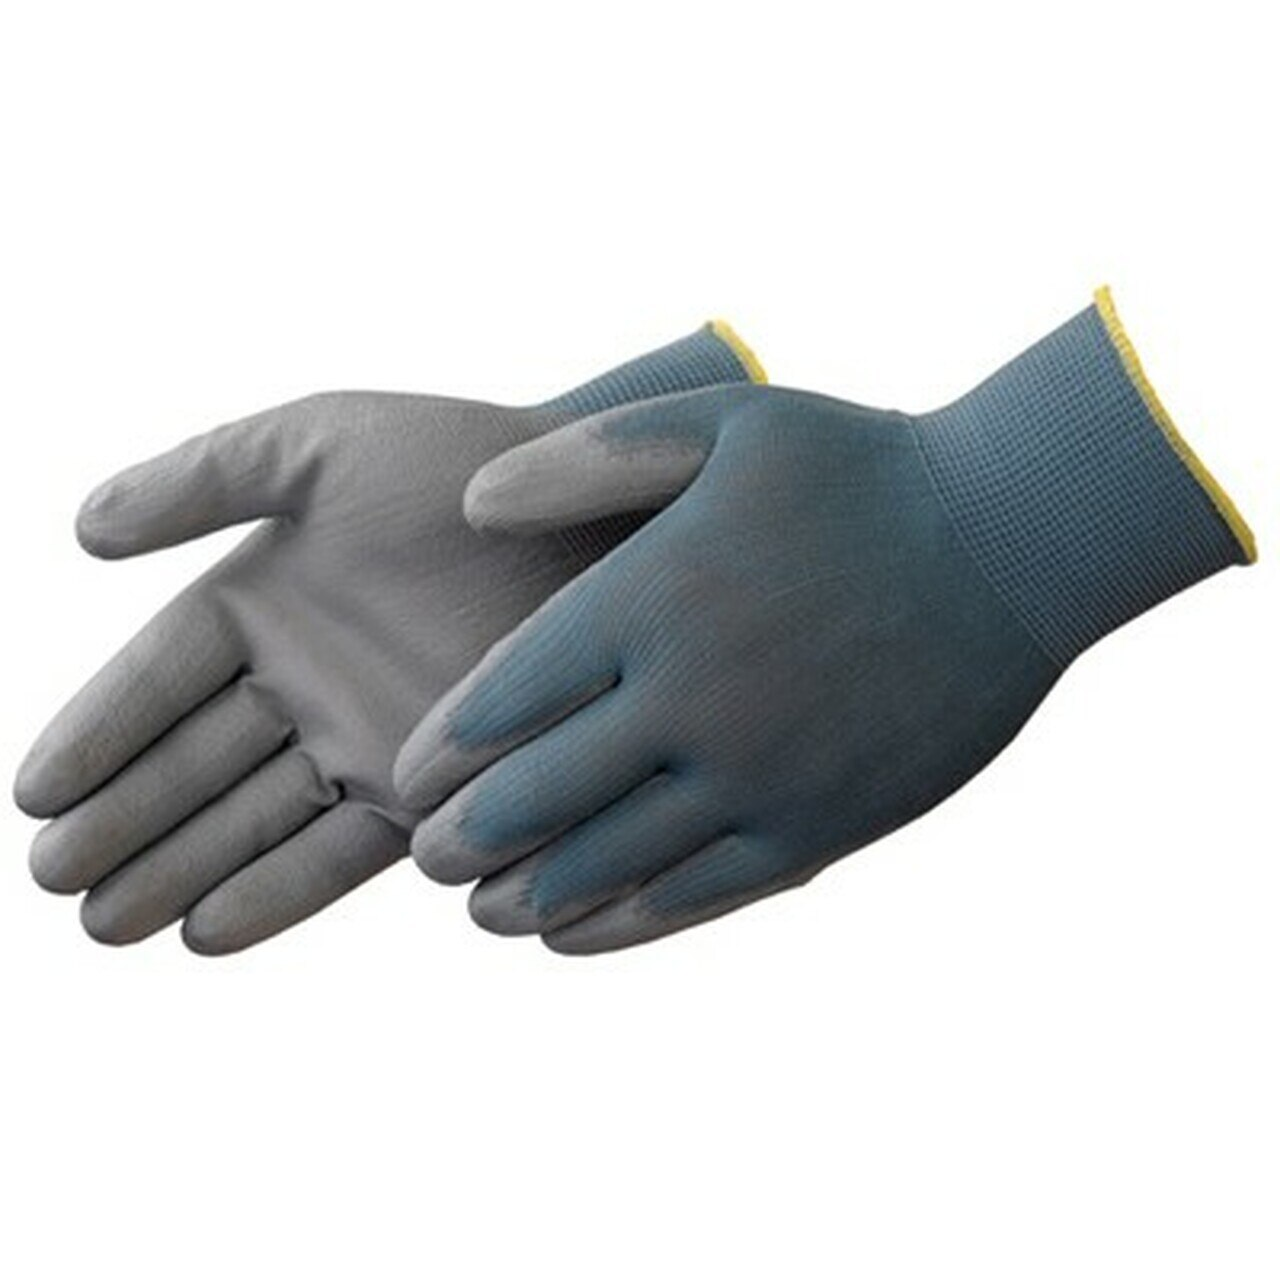 Nylon-Glove-2